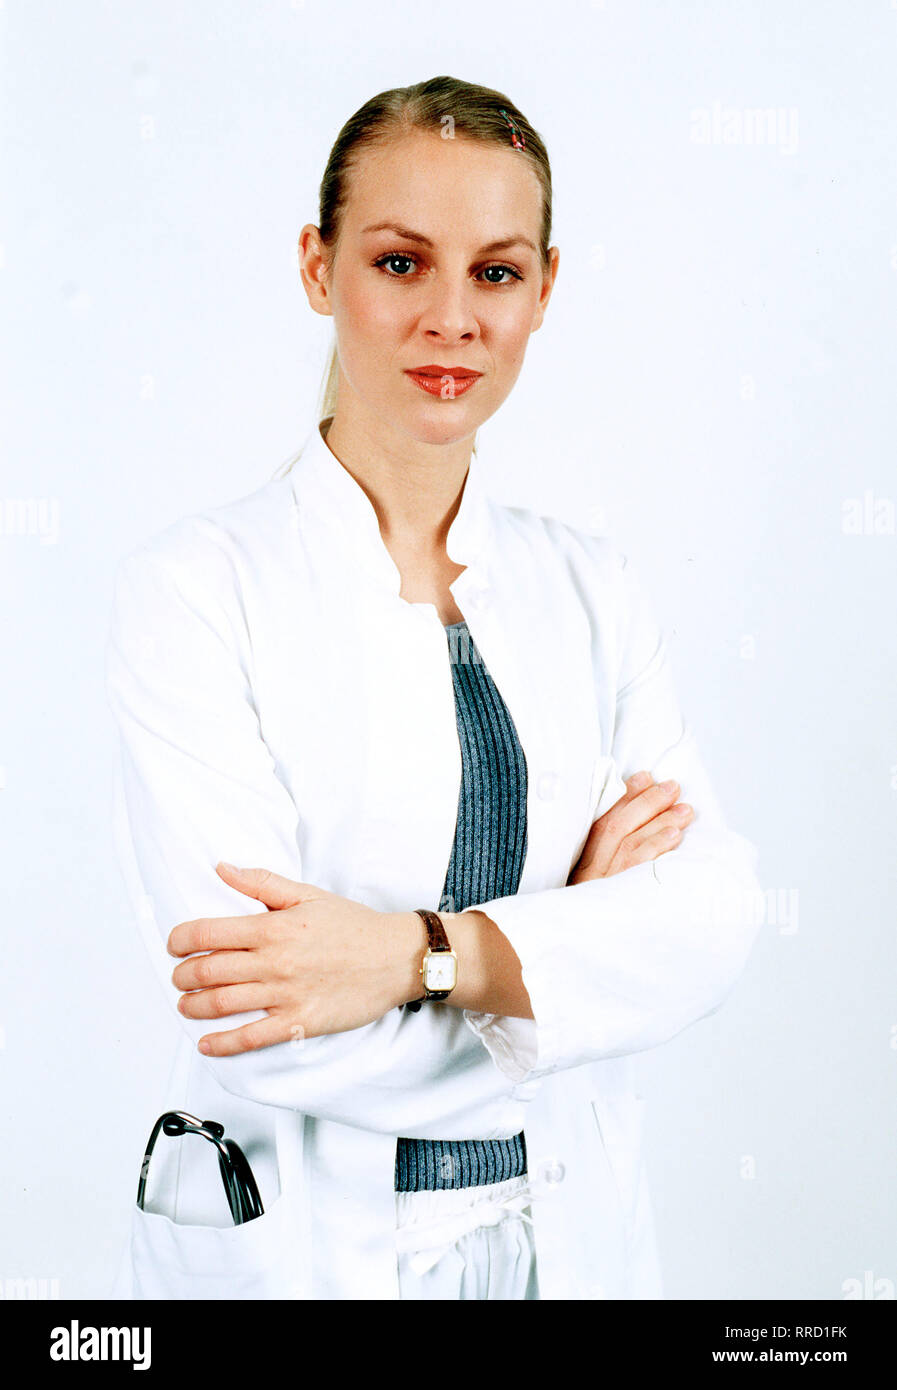 """FIEBER - ÄRZTE FÜR DAS LEBEN - AiPlerin Katja Heinrich (MARLENE MARLOW) beeindruckt Gottfried mit ihren ausgezeichneten Kennt- nissen - speziel über Skorpione. Die sind auch dringend nÜtig, als der alte Herr Krüger von seinem """"Haustier"""" gestochen wurde und sofort ärztlich behandelt werden muß... Regie: Rolf Liccini  / Überschrift: FIEBER - ÄRZTE FÜR DAS LEBEN / BRD 1999 Stock Photo"""